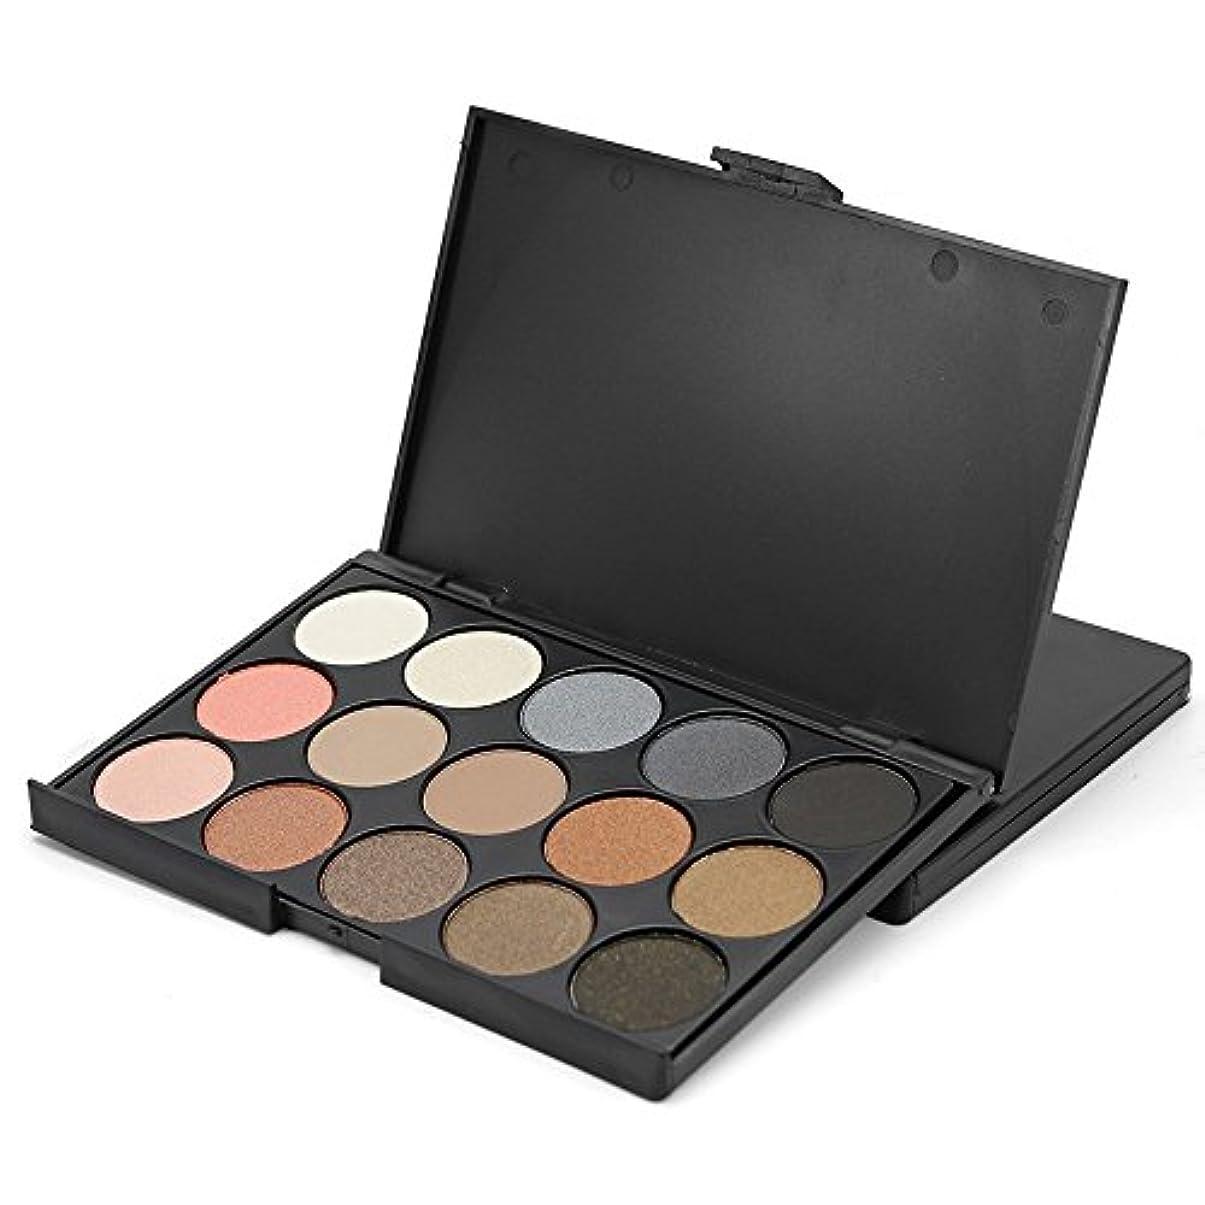 伝説明確な過敏なAkane アイシャドウパレット ファッション 魅力的 暖かい 優雅な 自然 高級 美しい 素敵 綺麗 持ち便利 仕事 日常 Eye Shadow (15色)